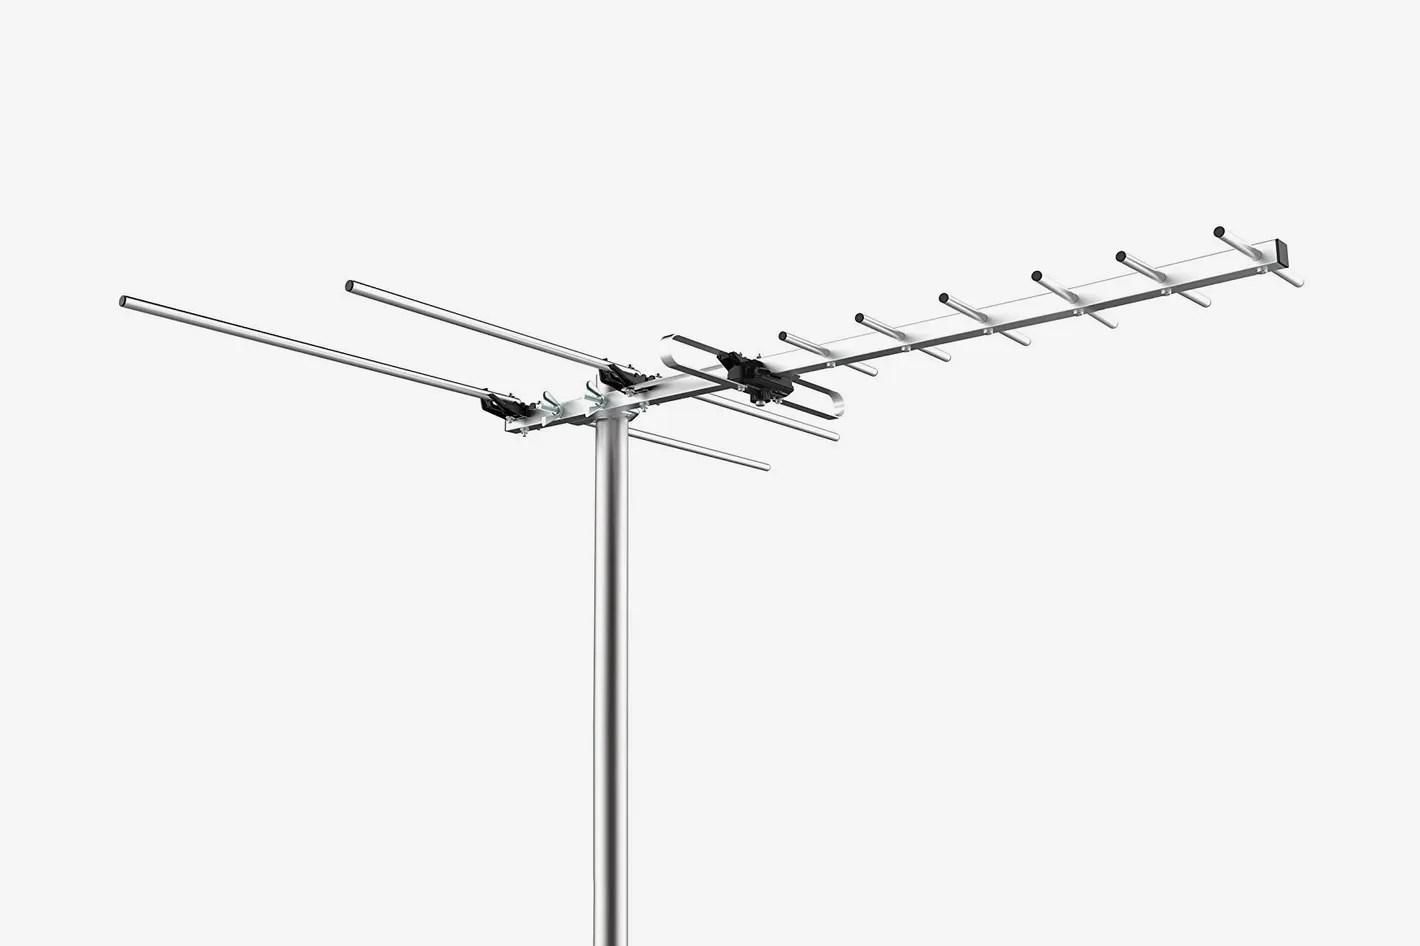 9 Best Outdoor Tv Antennas Attic Antennas And More